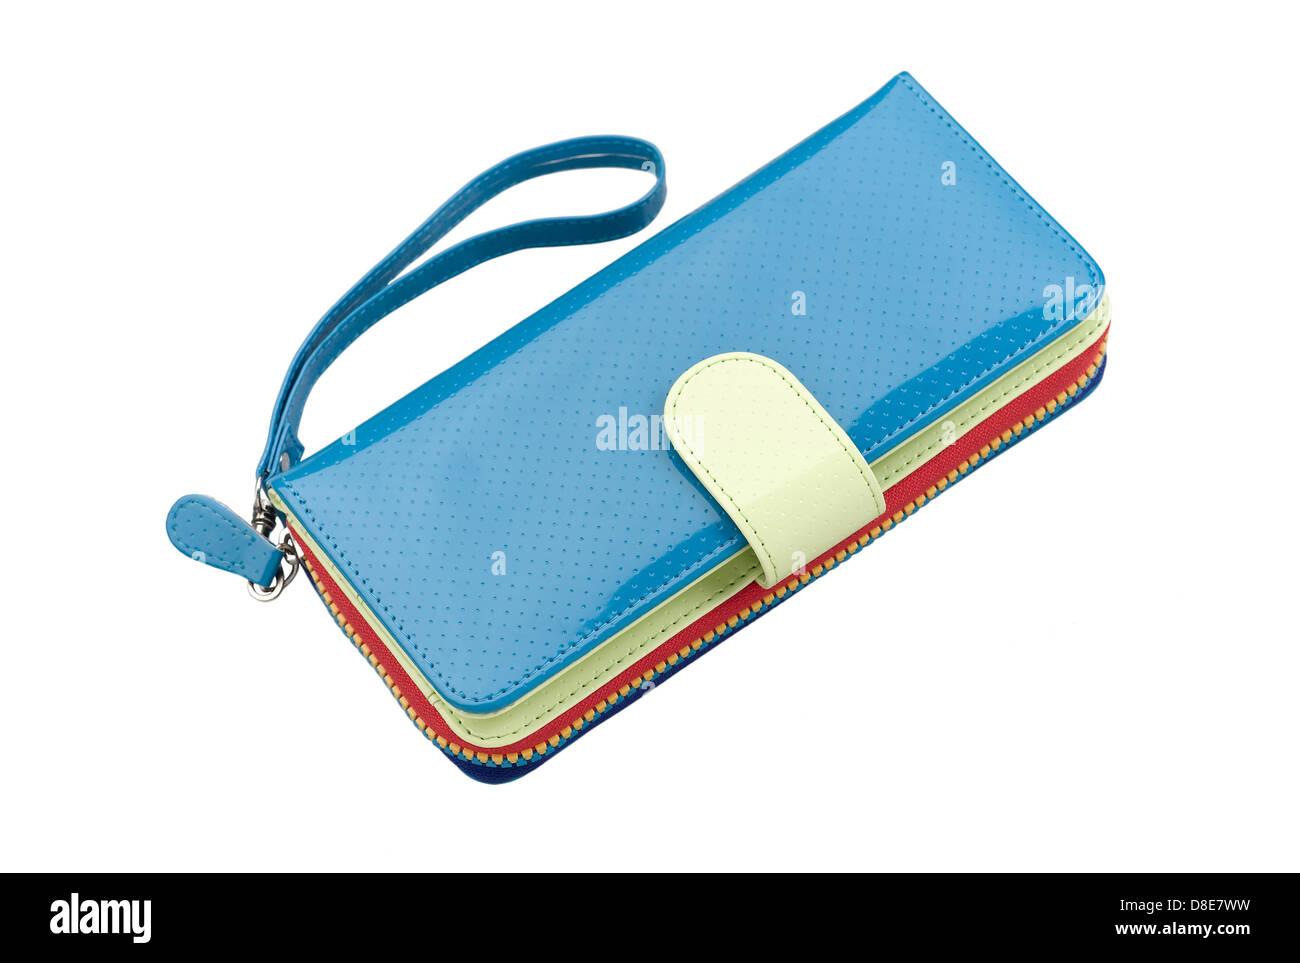 1db16ba3af04a Blaue Leder Geldbörse Stockfotos   Blaue Leder Geldbörse Bilder - Alamy